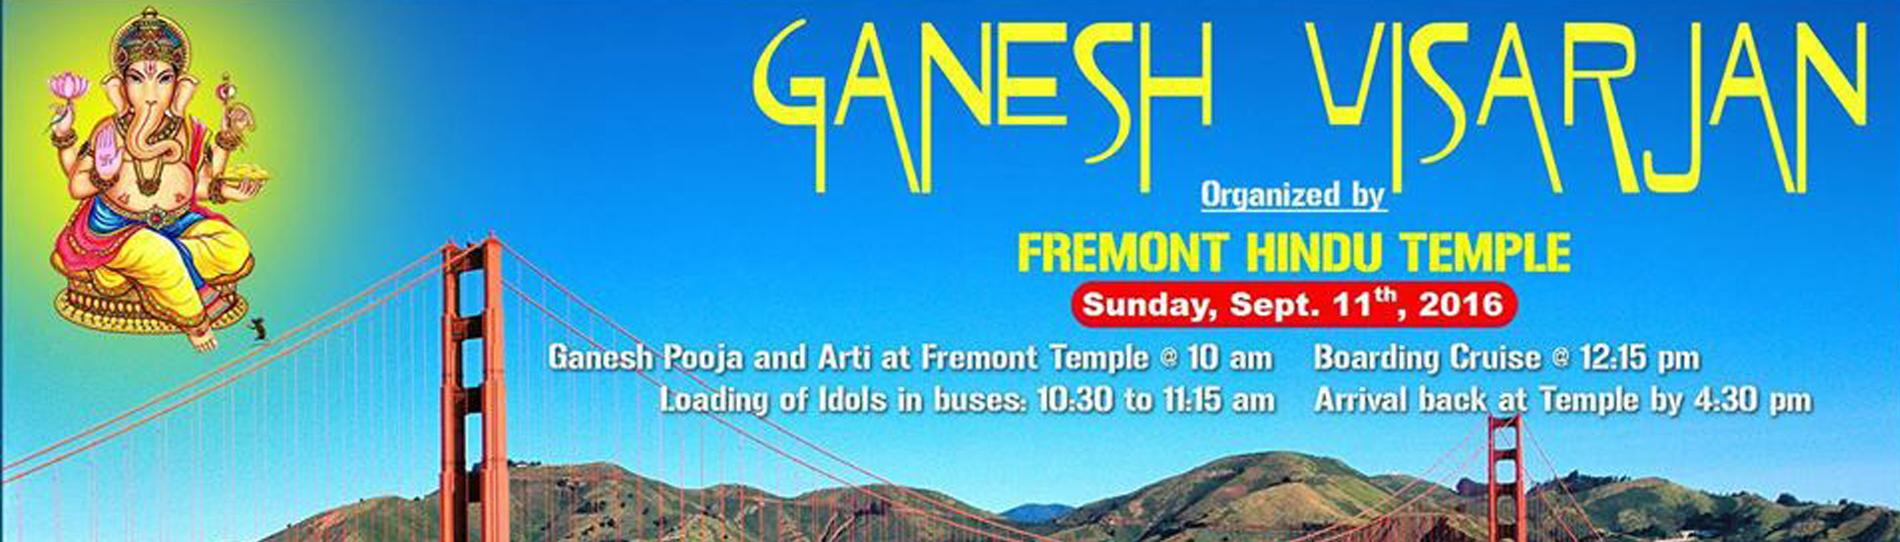 EventMozo Ganesh Visarjan 2016